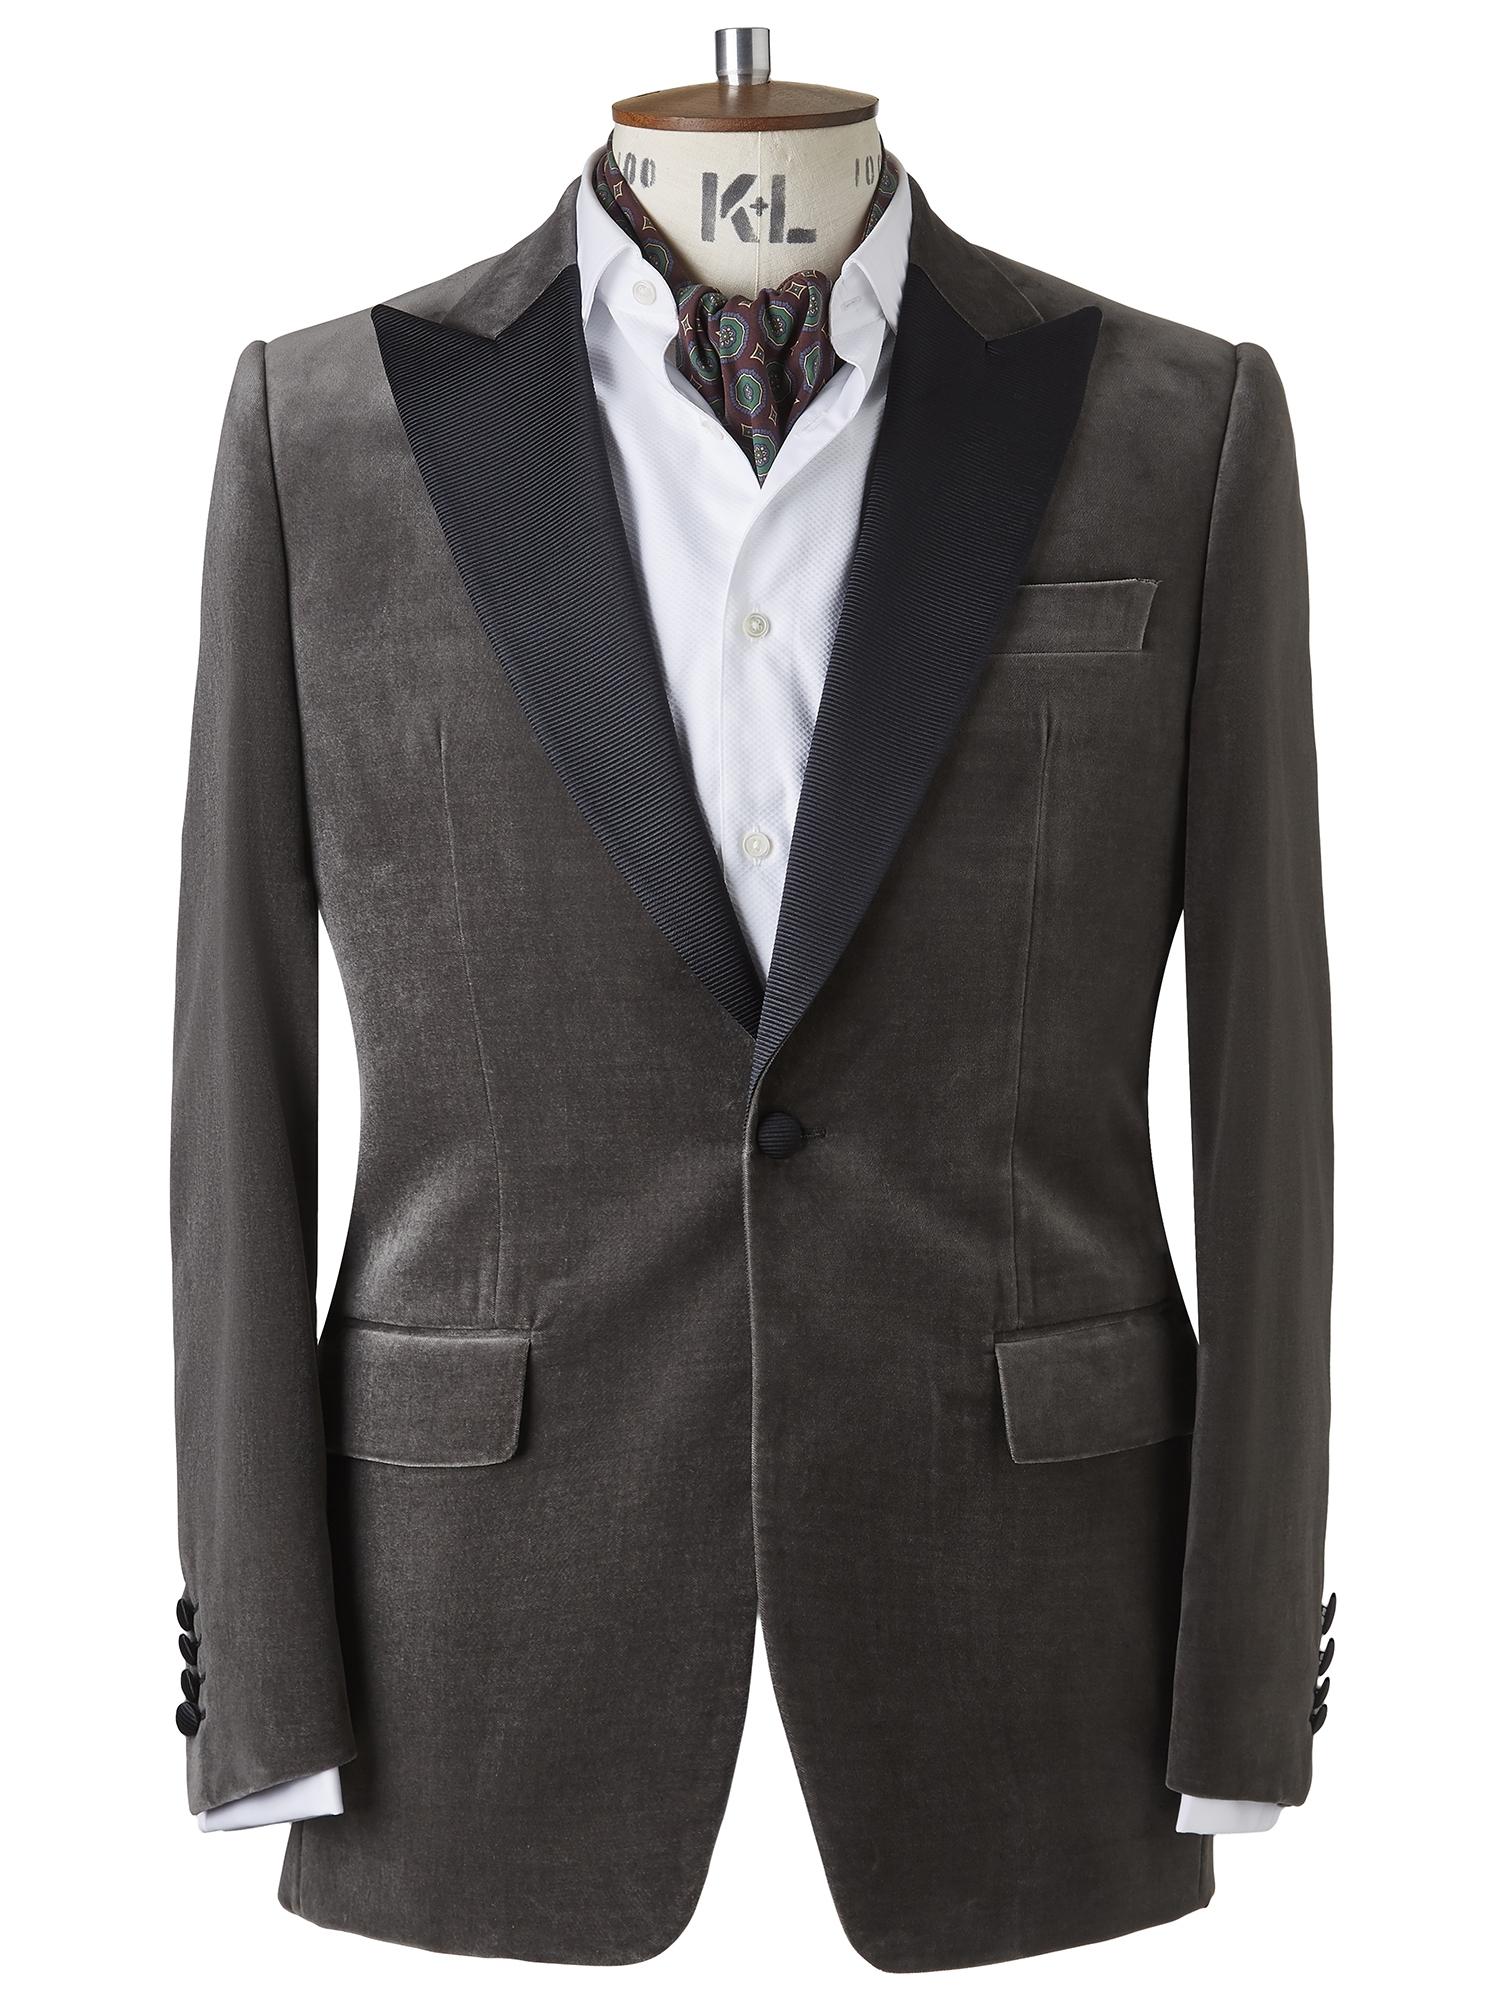 CHESTER BARRIE Plain Velvet Ebury Jacket